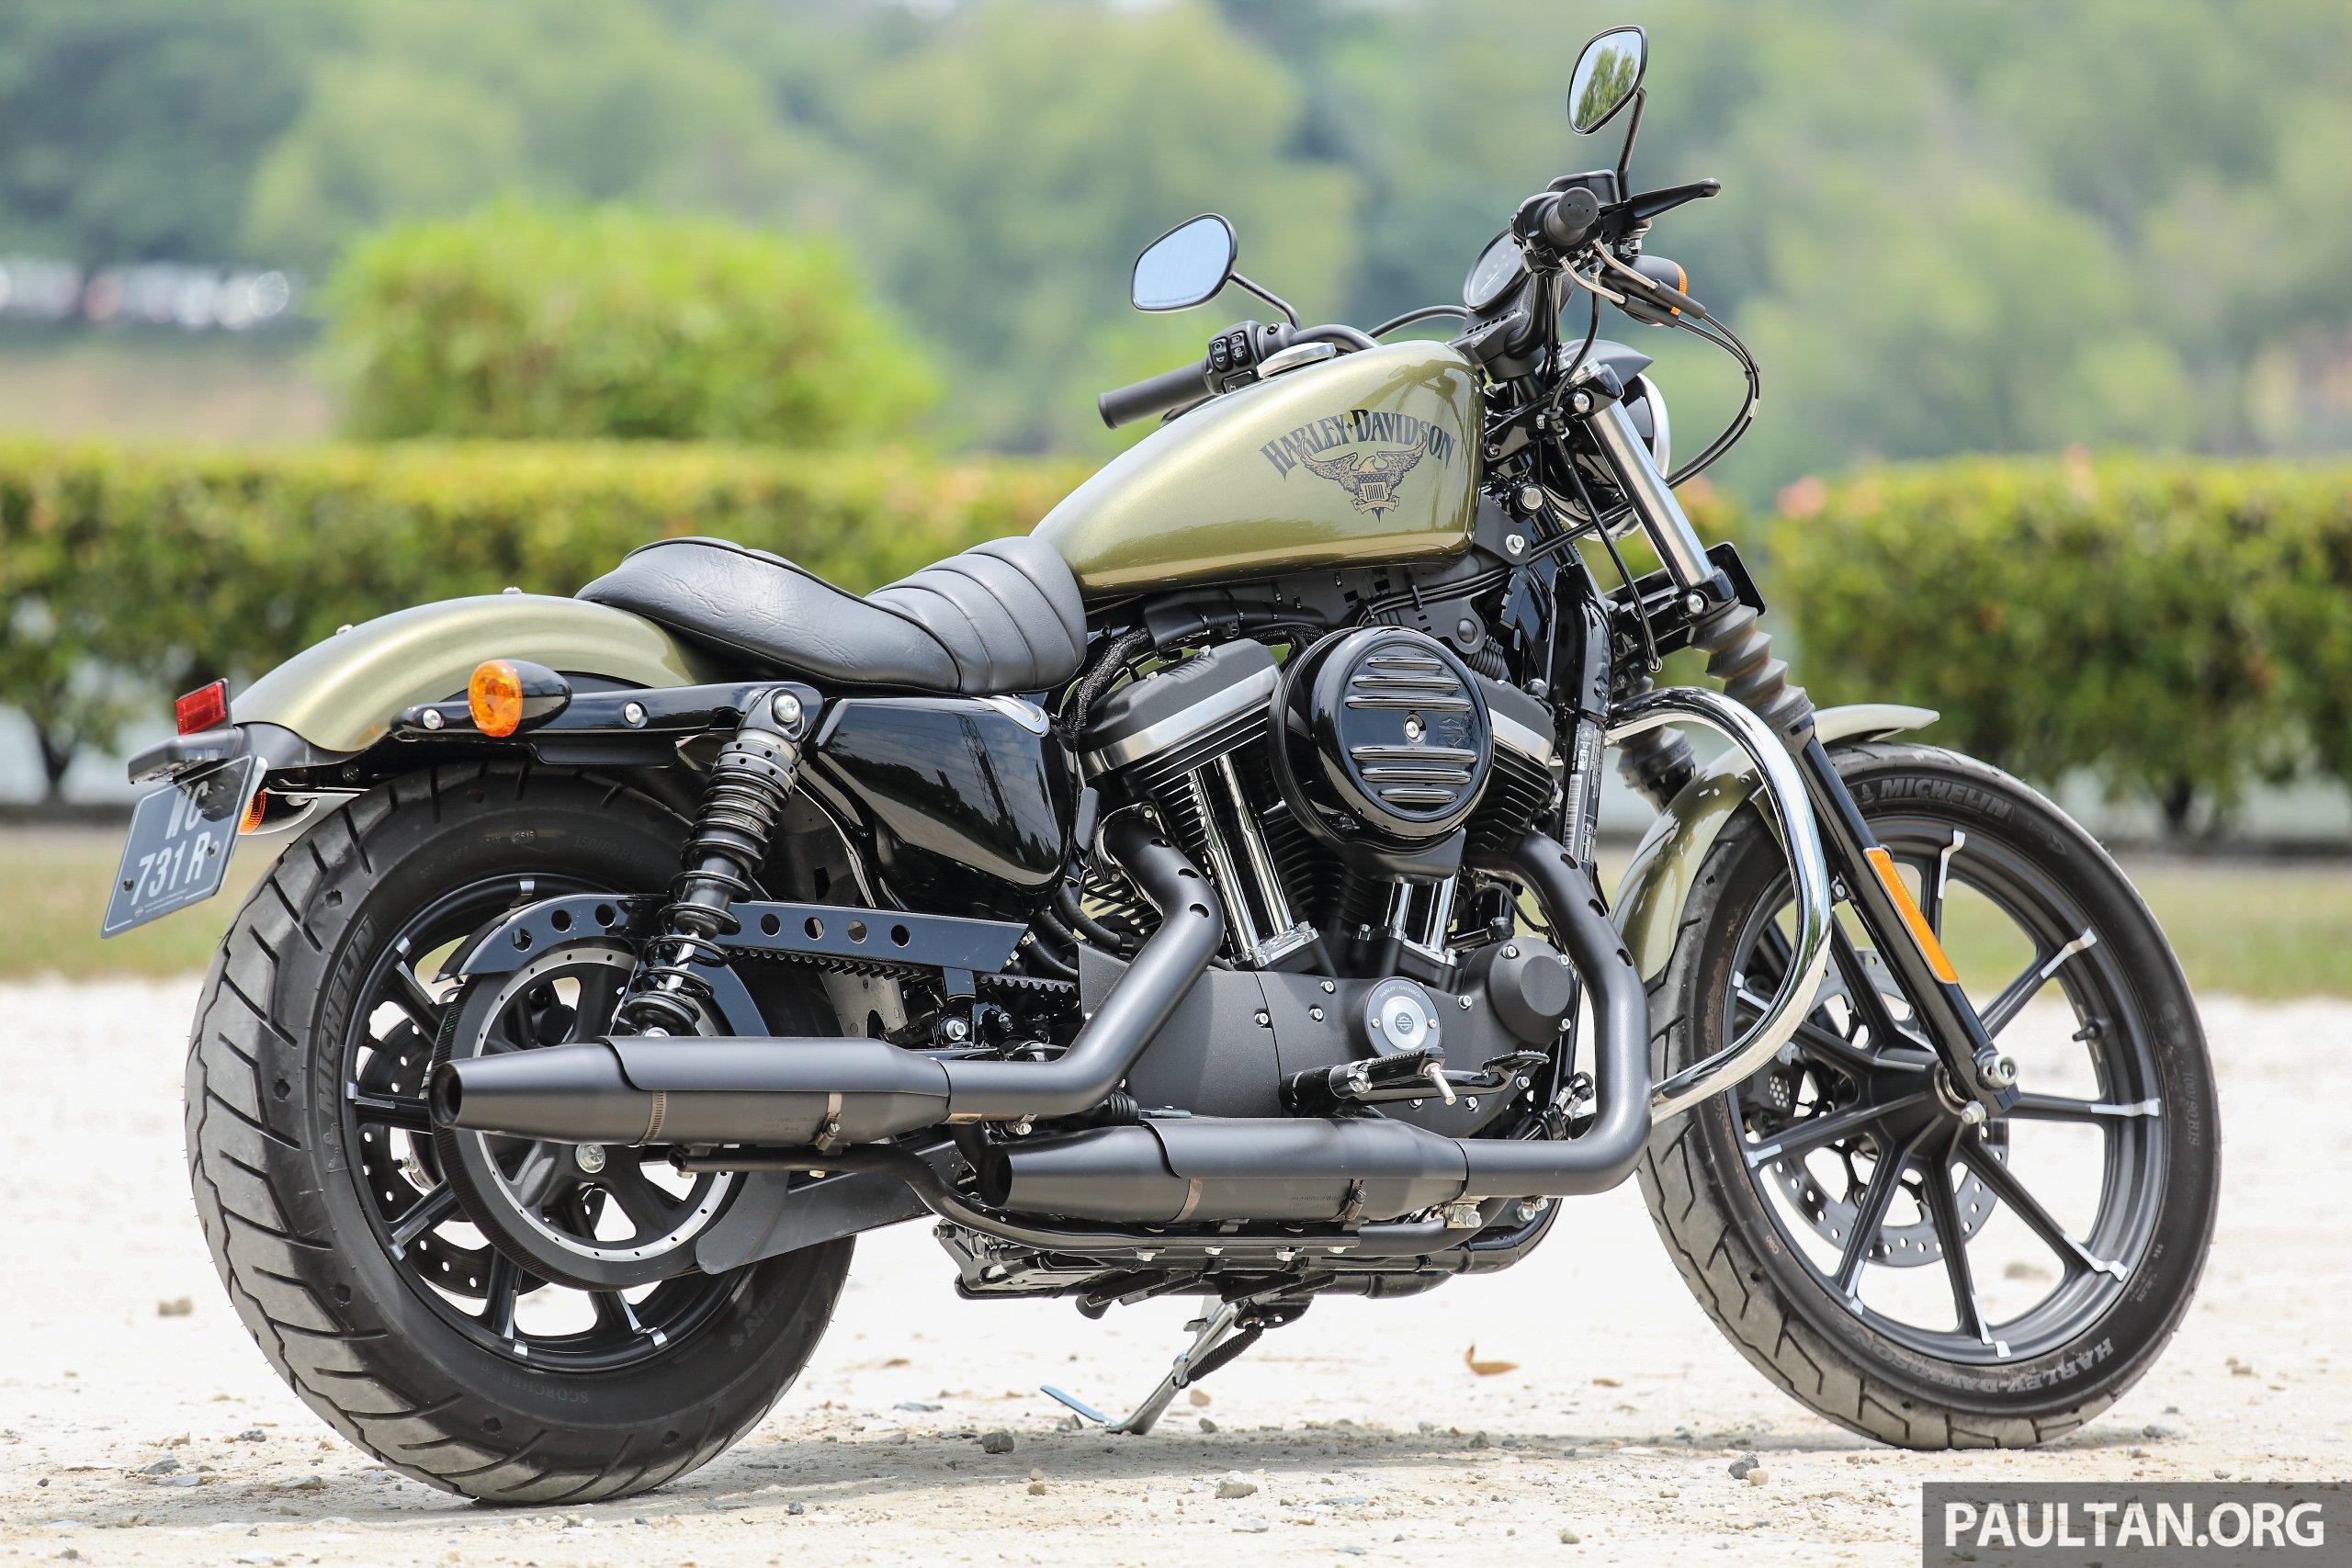 Permalink to Harley Davidson 883